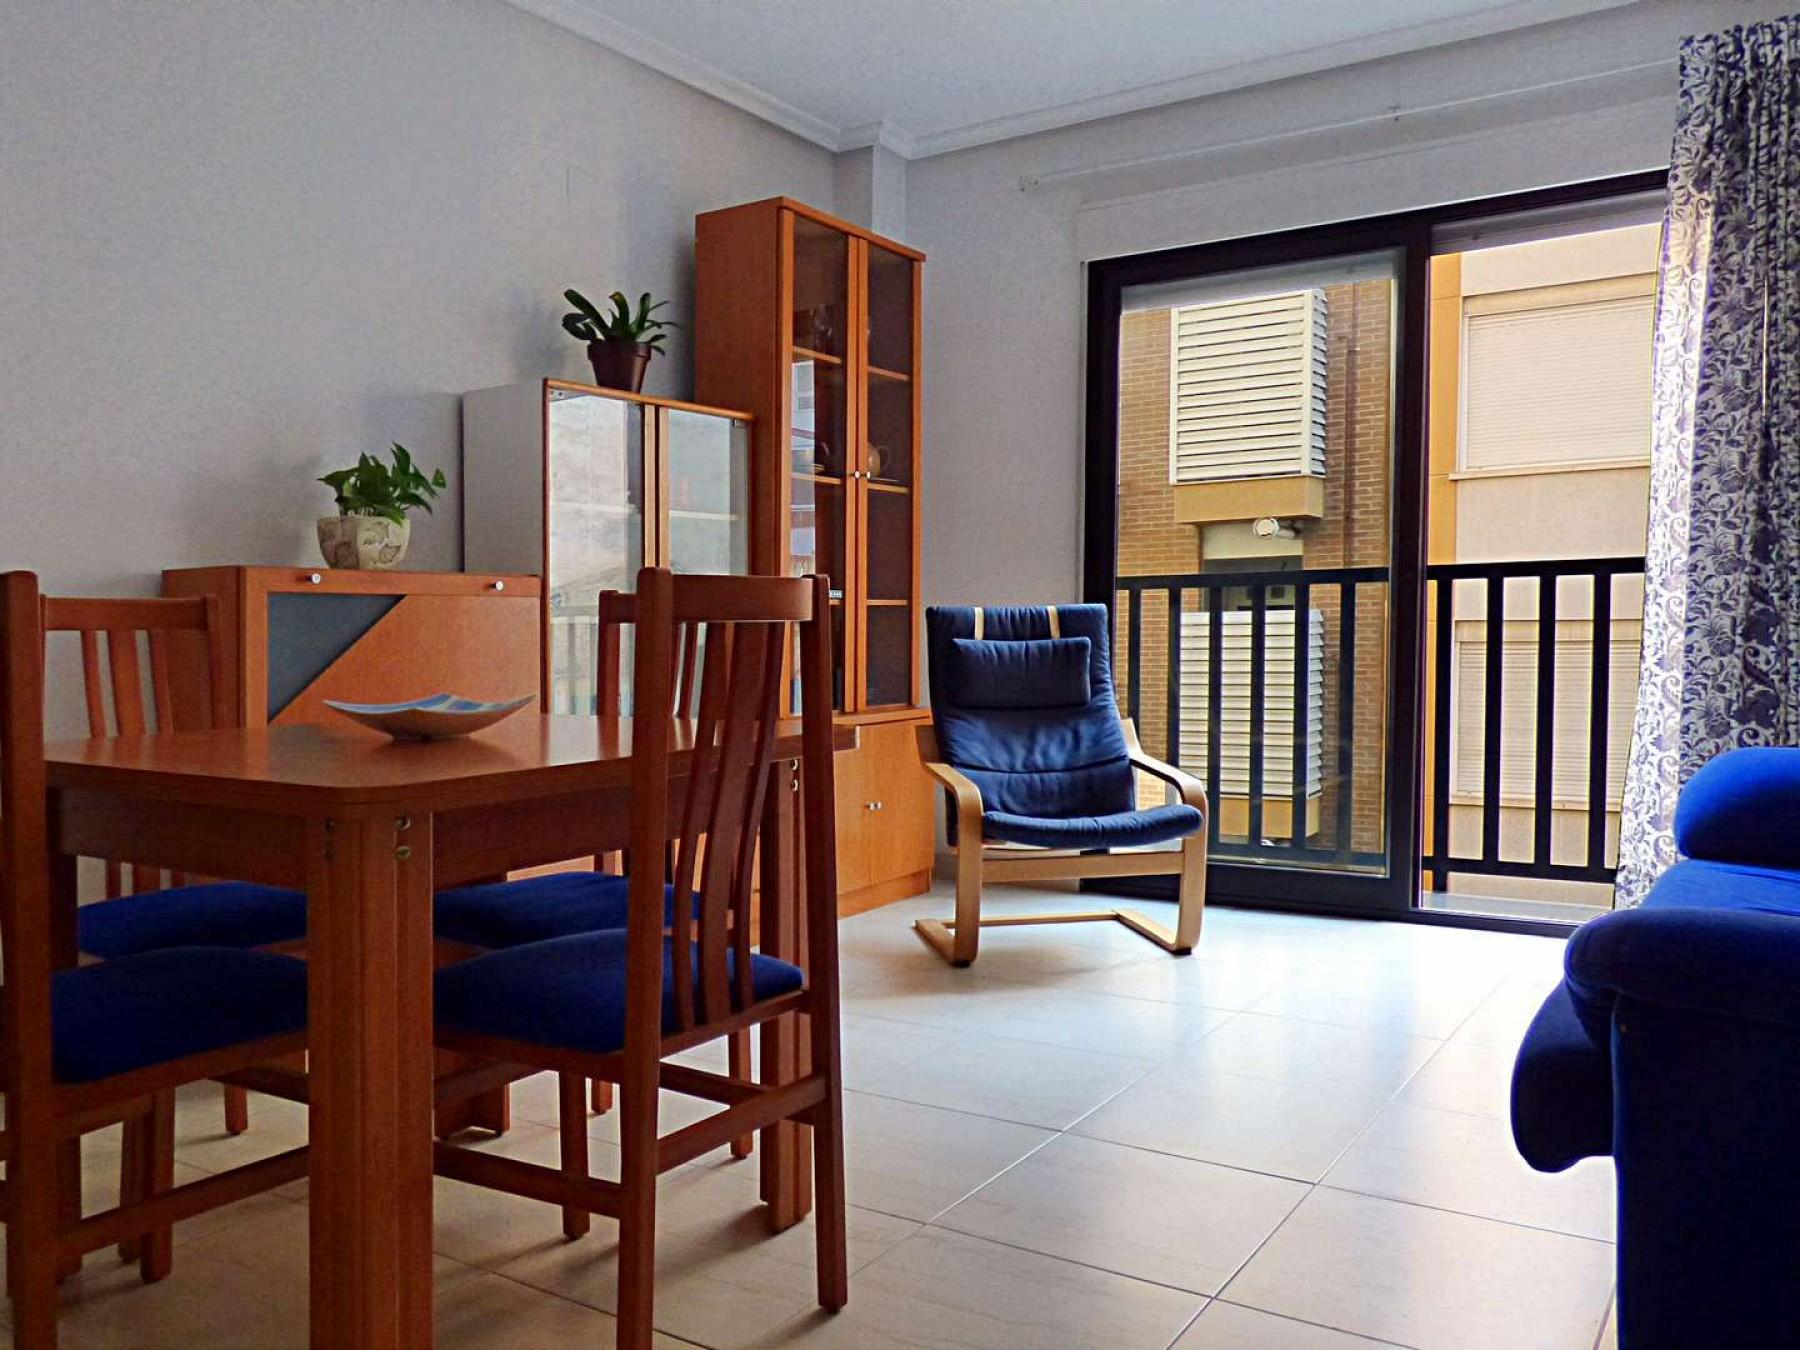 Luminosa Vivienda De 2 Dormitorios En C Poeta Campos Vasallo N  # Muebles Lado Cee